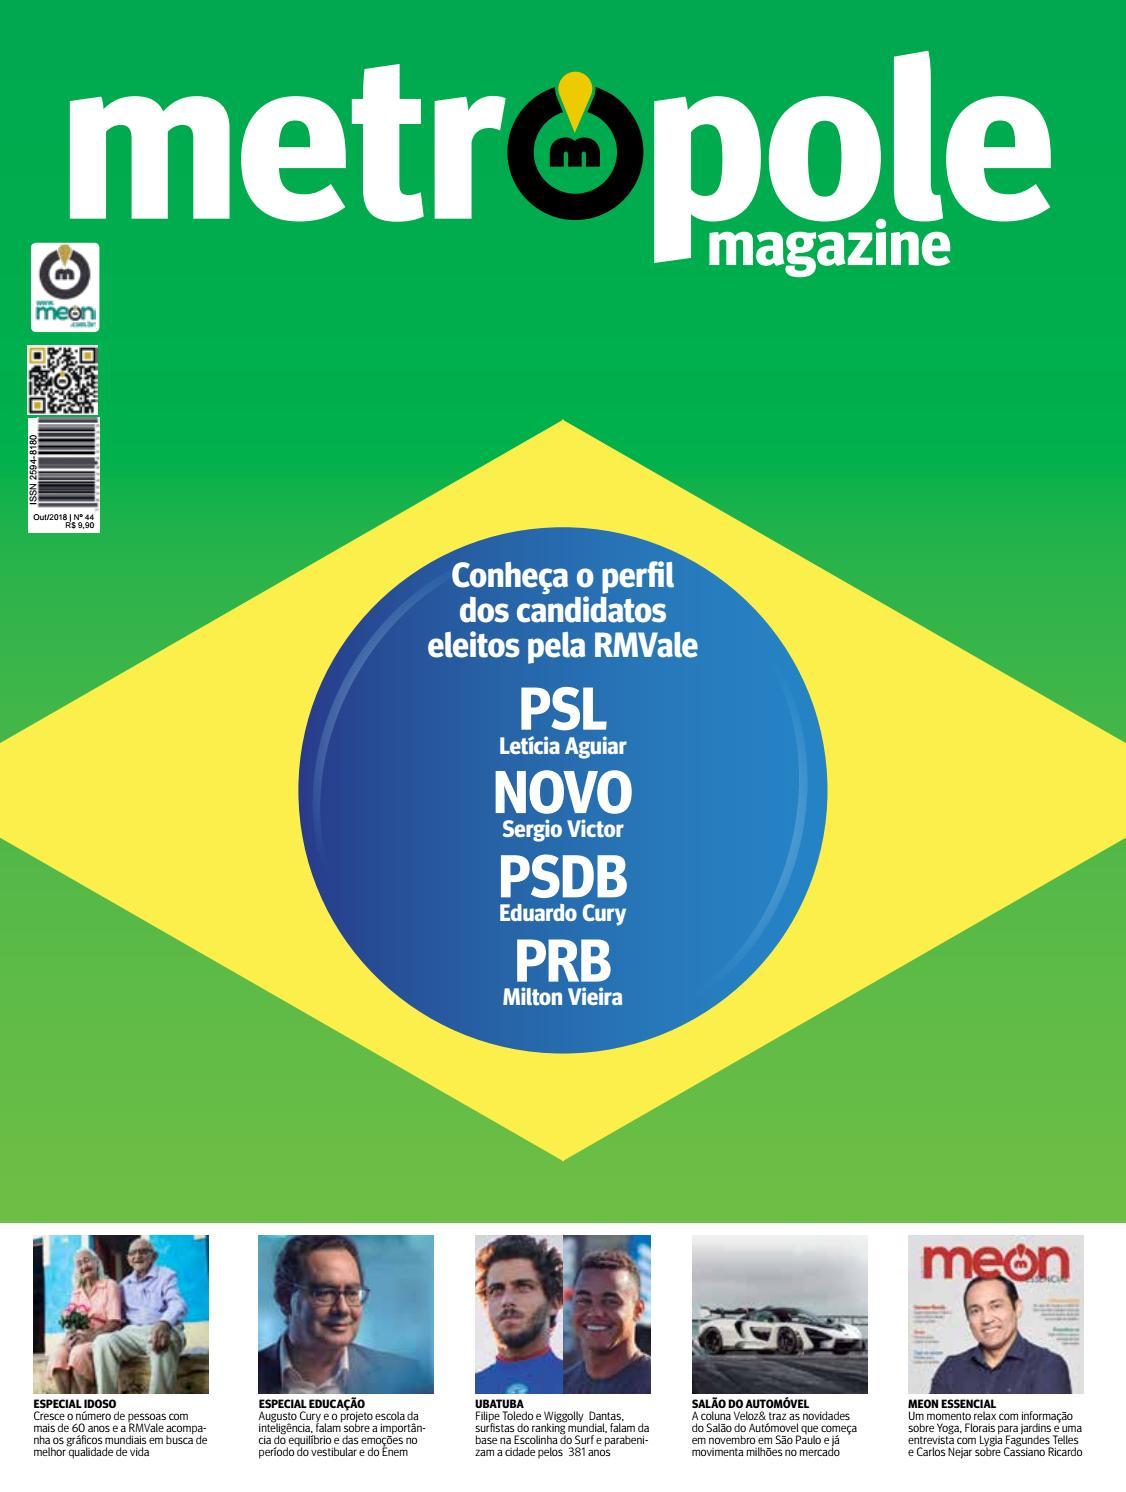 480a6189e Metrópole Magazine - Outubro de 2018 / Edição 44 by Portal Meon - issuu